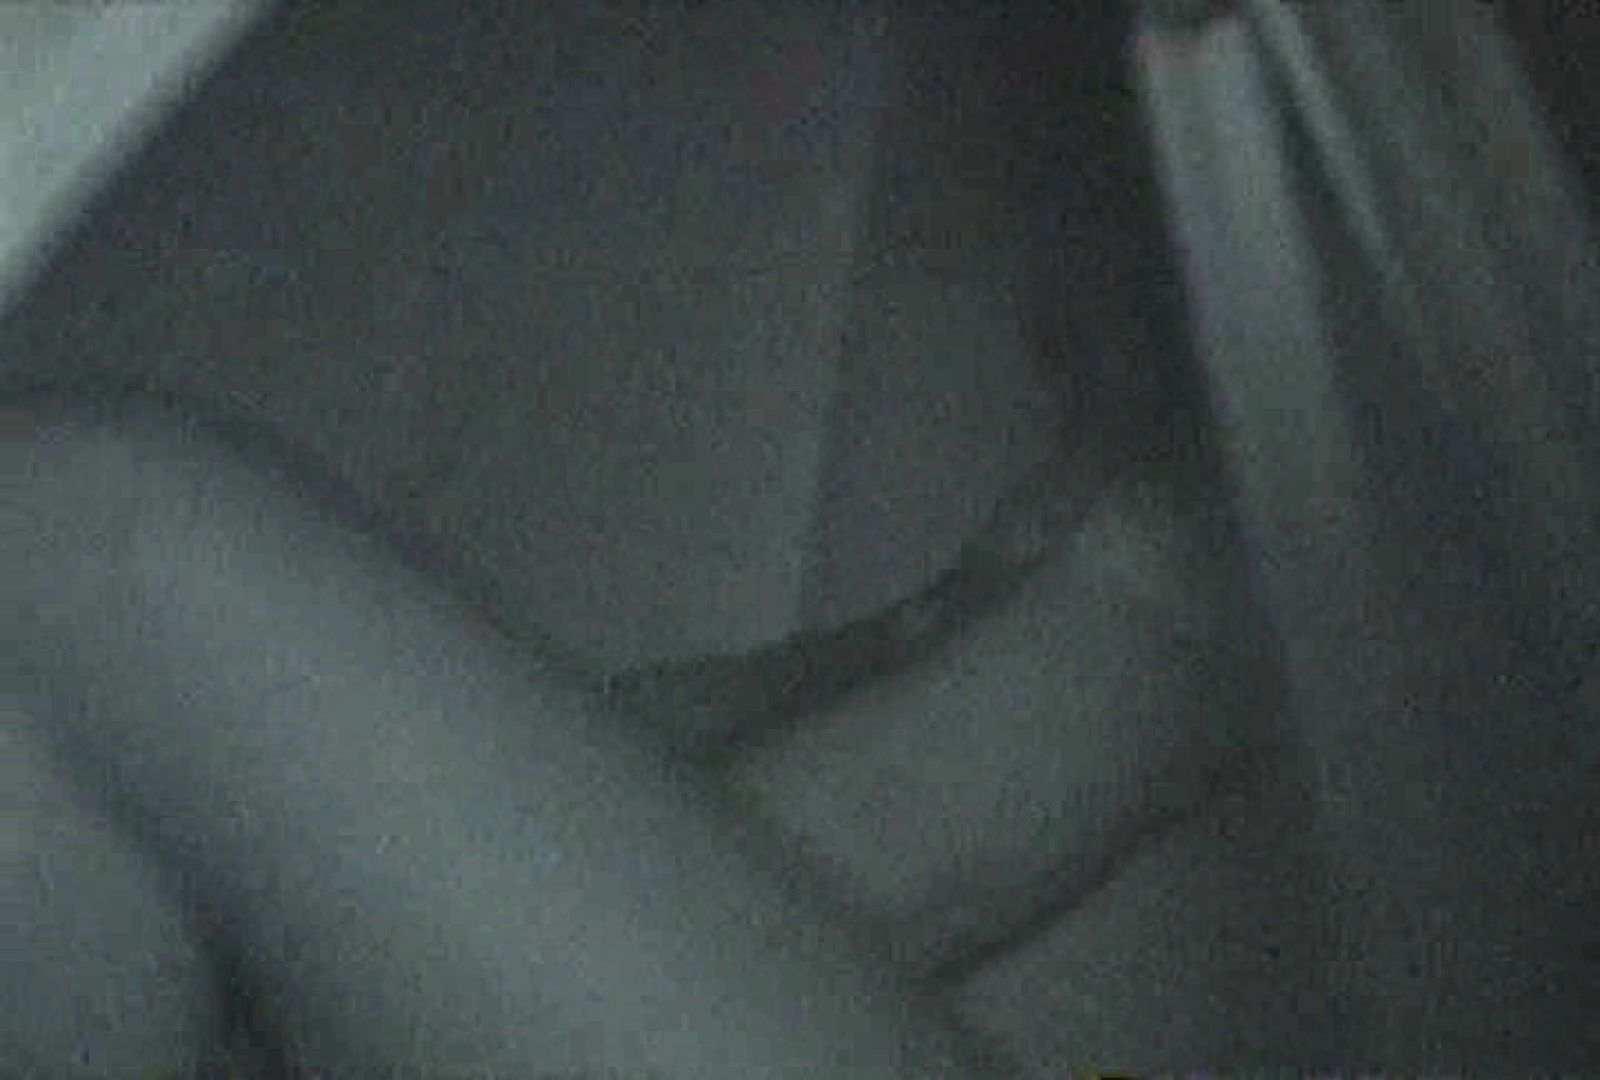 充血監督の深夜の運動会Vol.90 エッチなセックス オマンコ無修正動画無料 107画像 13